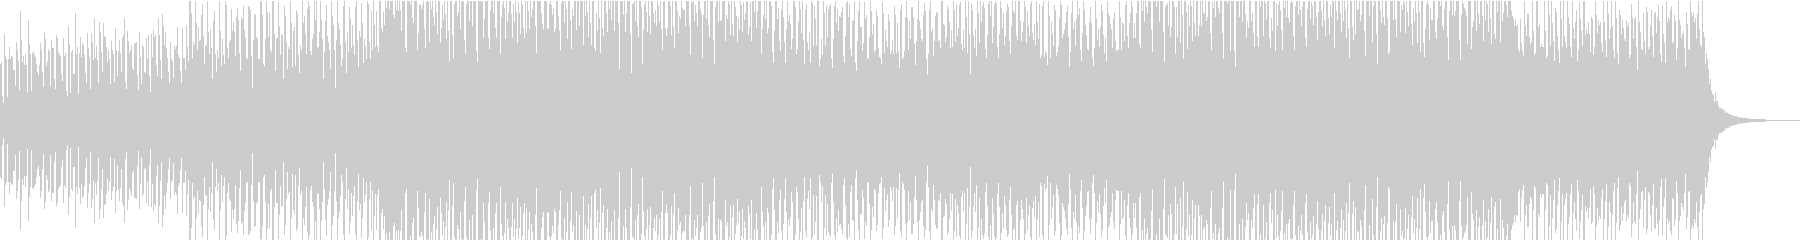 【CM・映像】爽やかなエレクトロBGMの未再生の波形